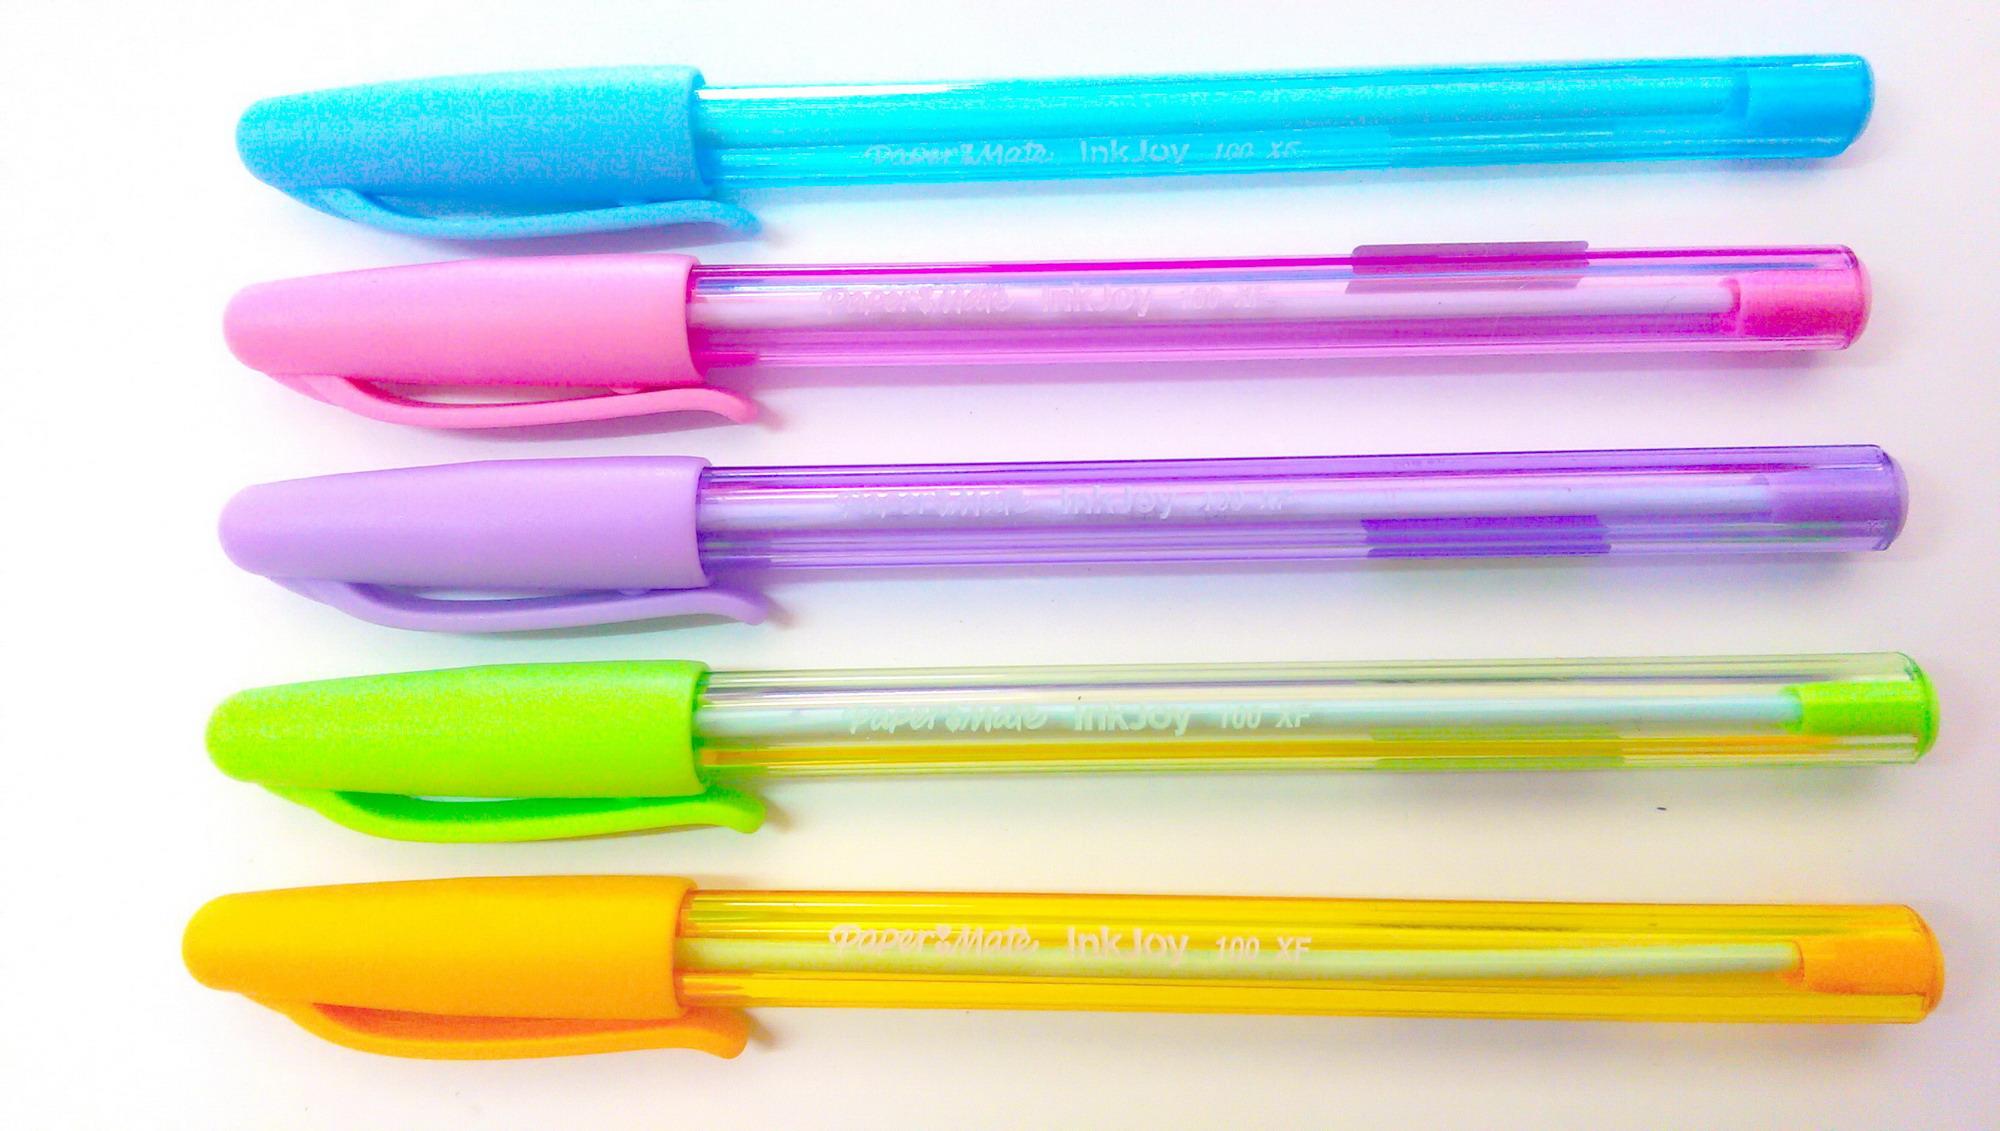 ปากกาลูกลื่น 0.5 มม. เปเป้อร์เมท Inkjoy 100 XF น้ำเงิน